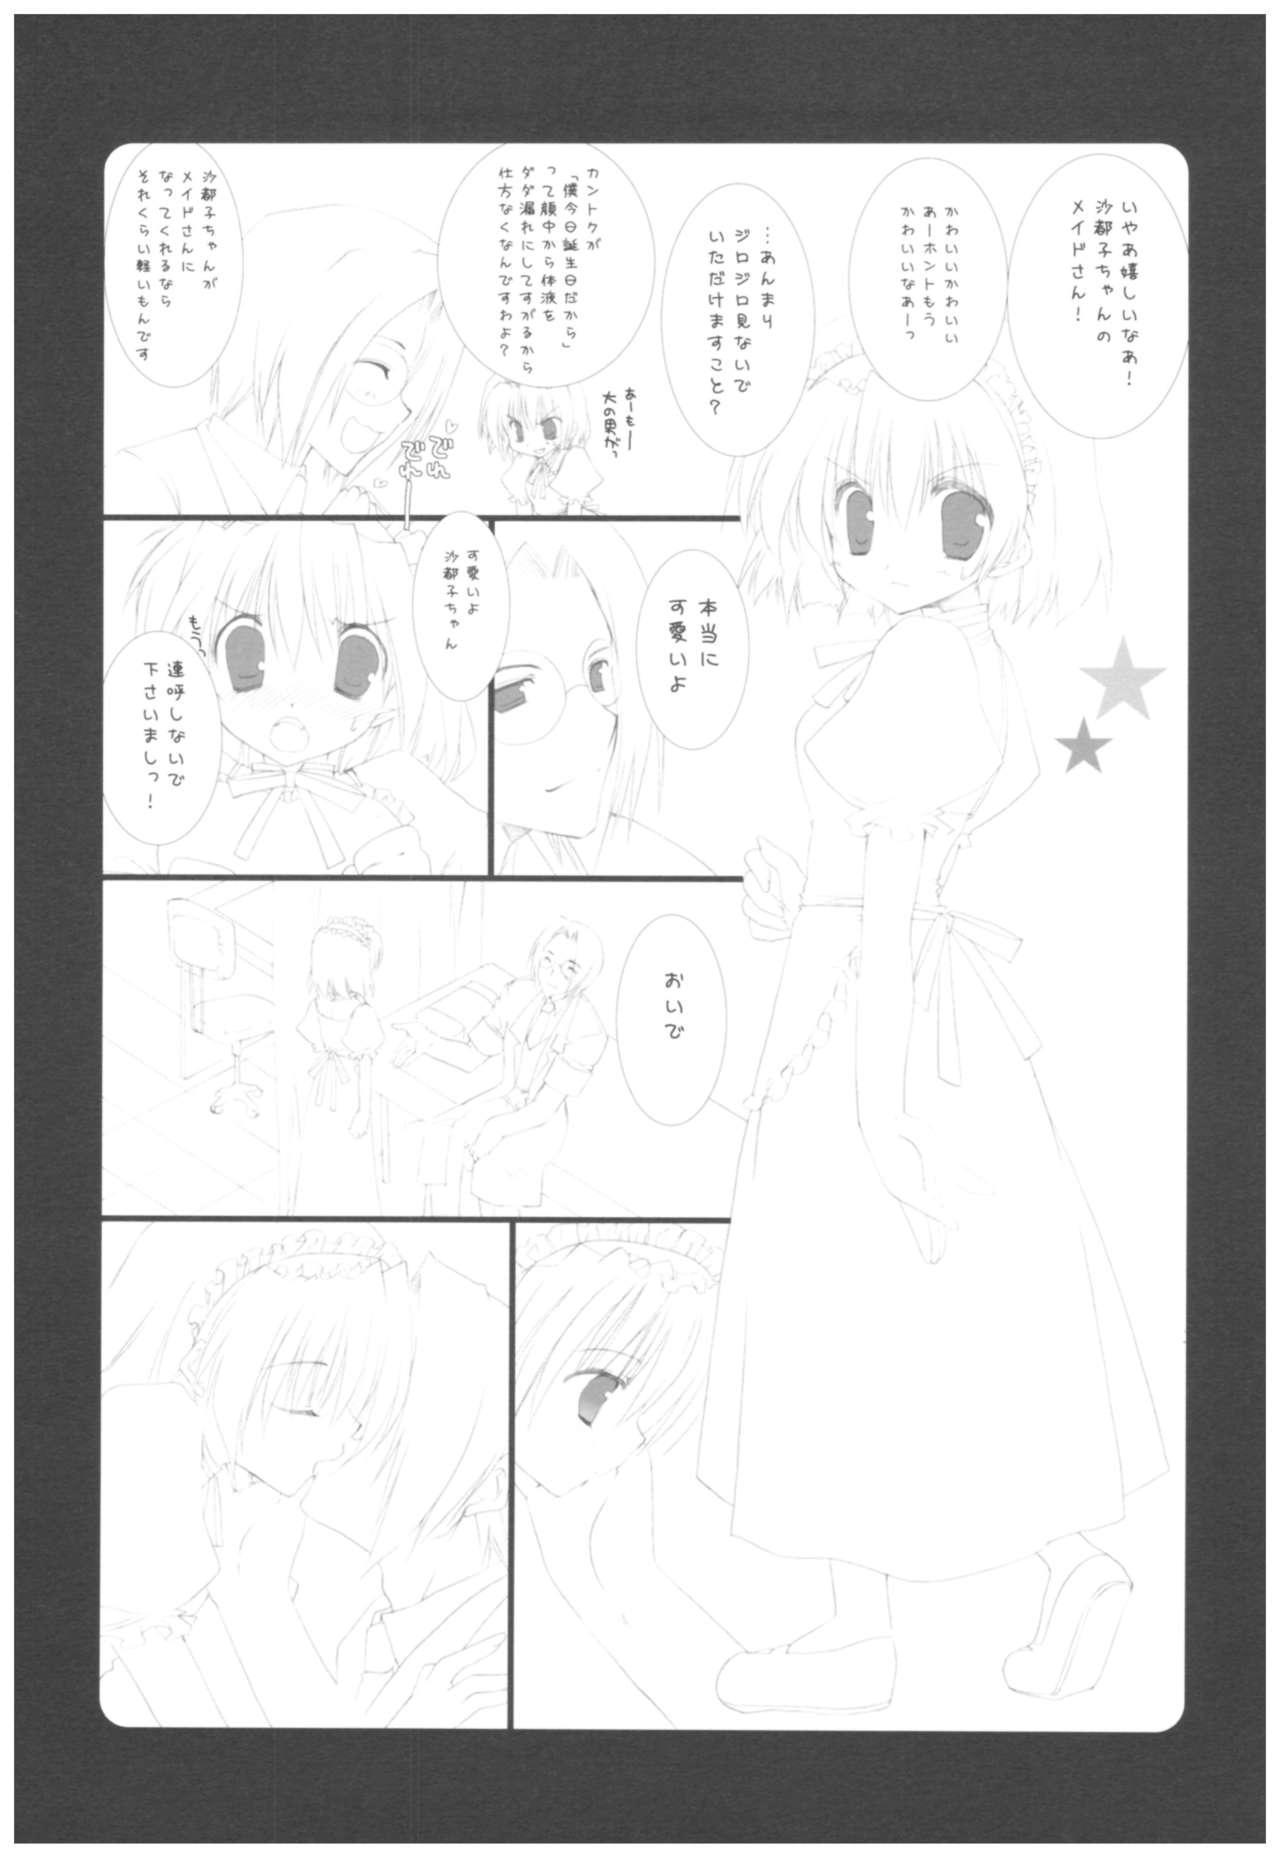 Naedoko Ikusei Kansatsu Kiroku 168